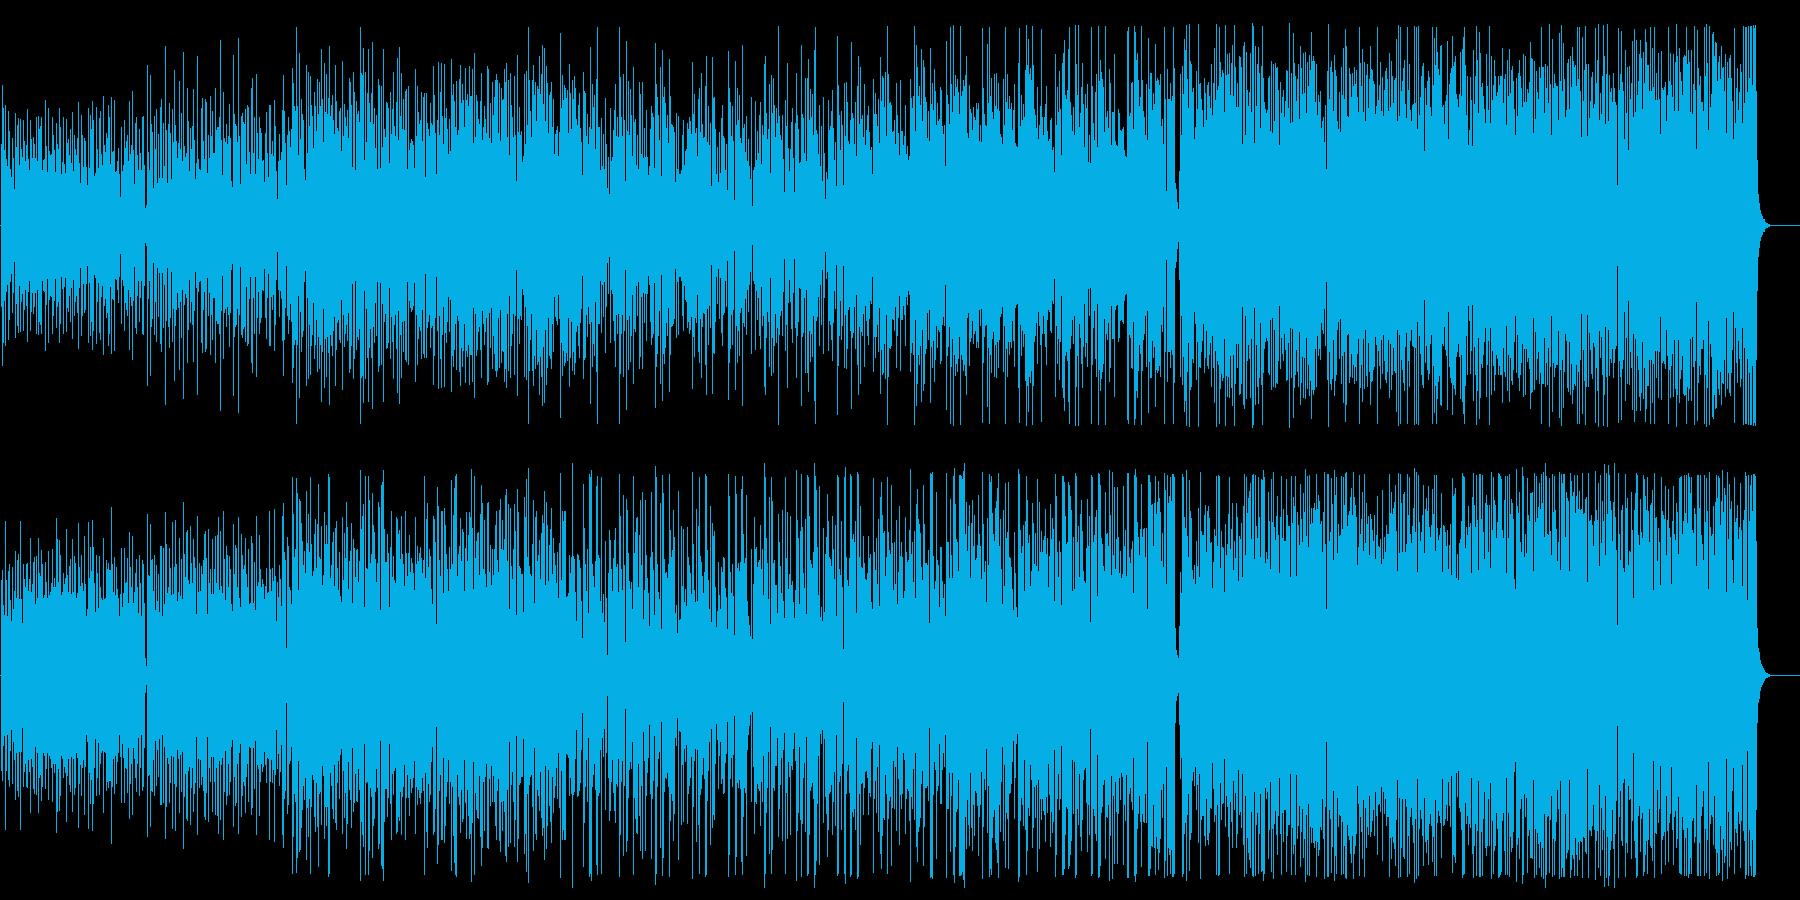 華麗で優雅なジャズ風ピアノシンセBGMの再生済みの波形